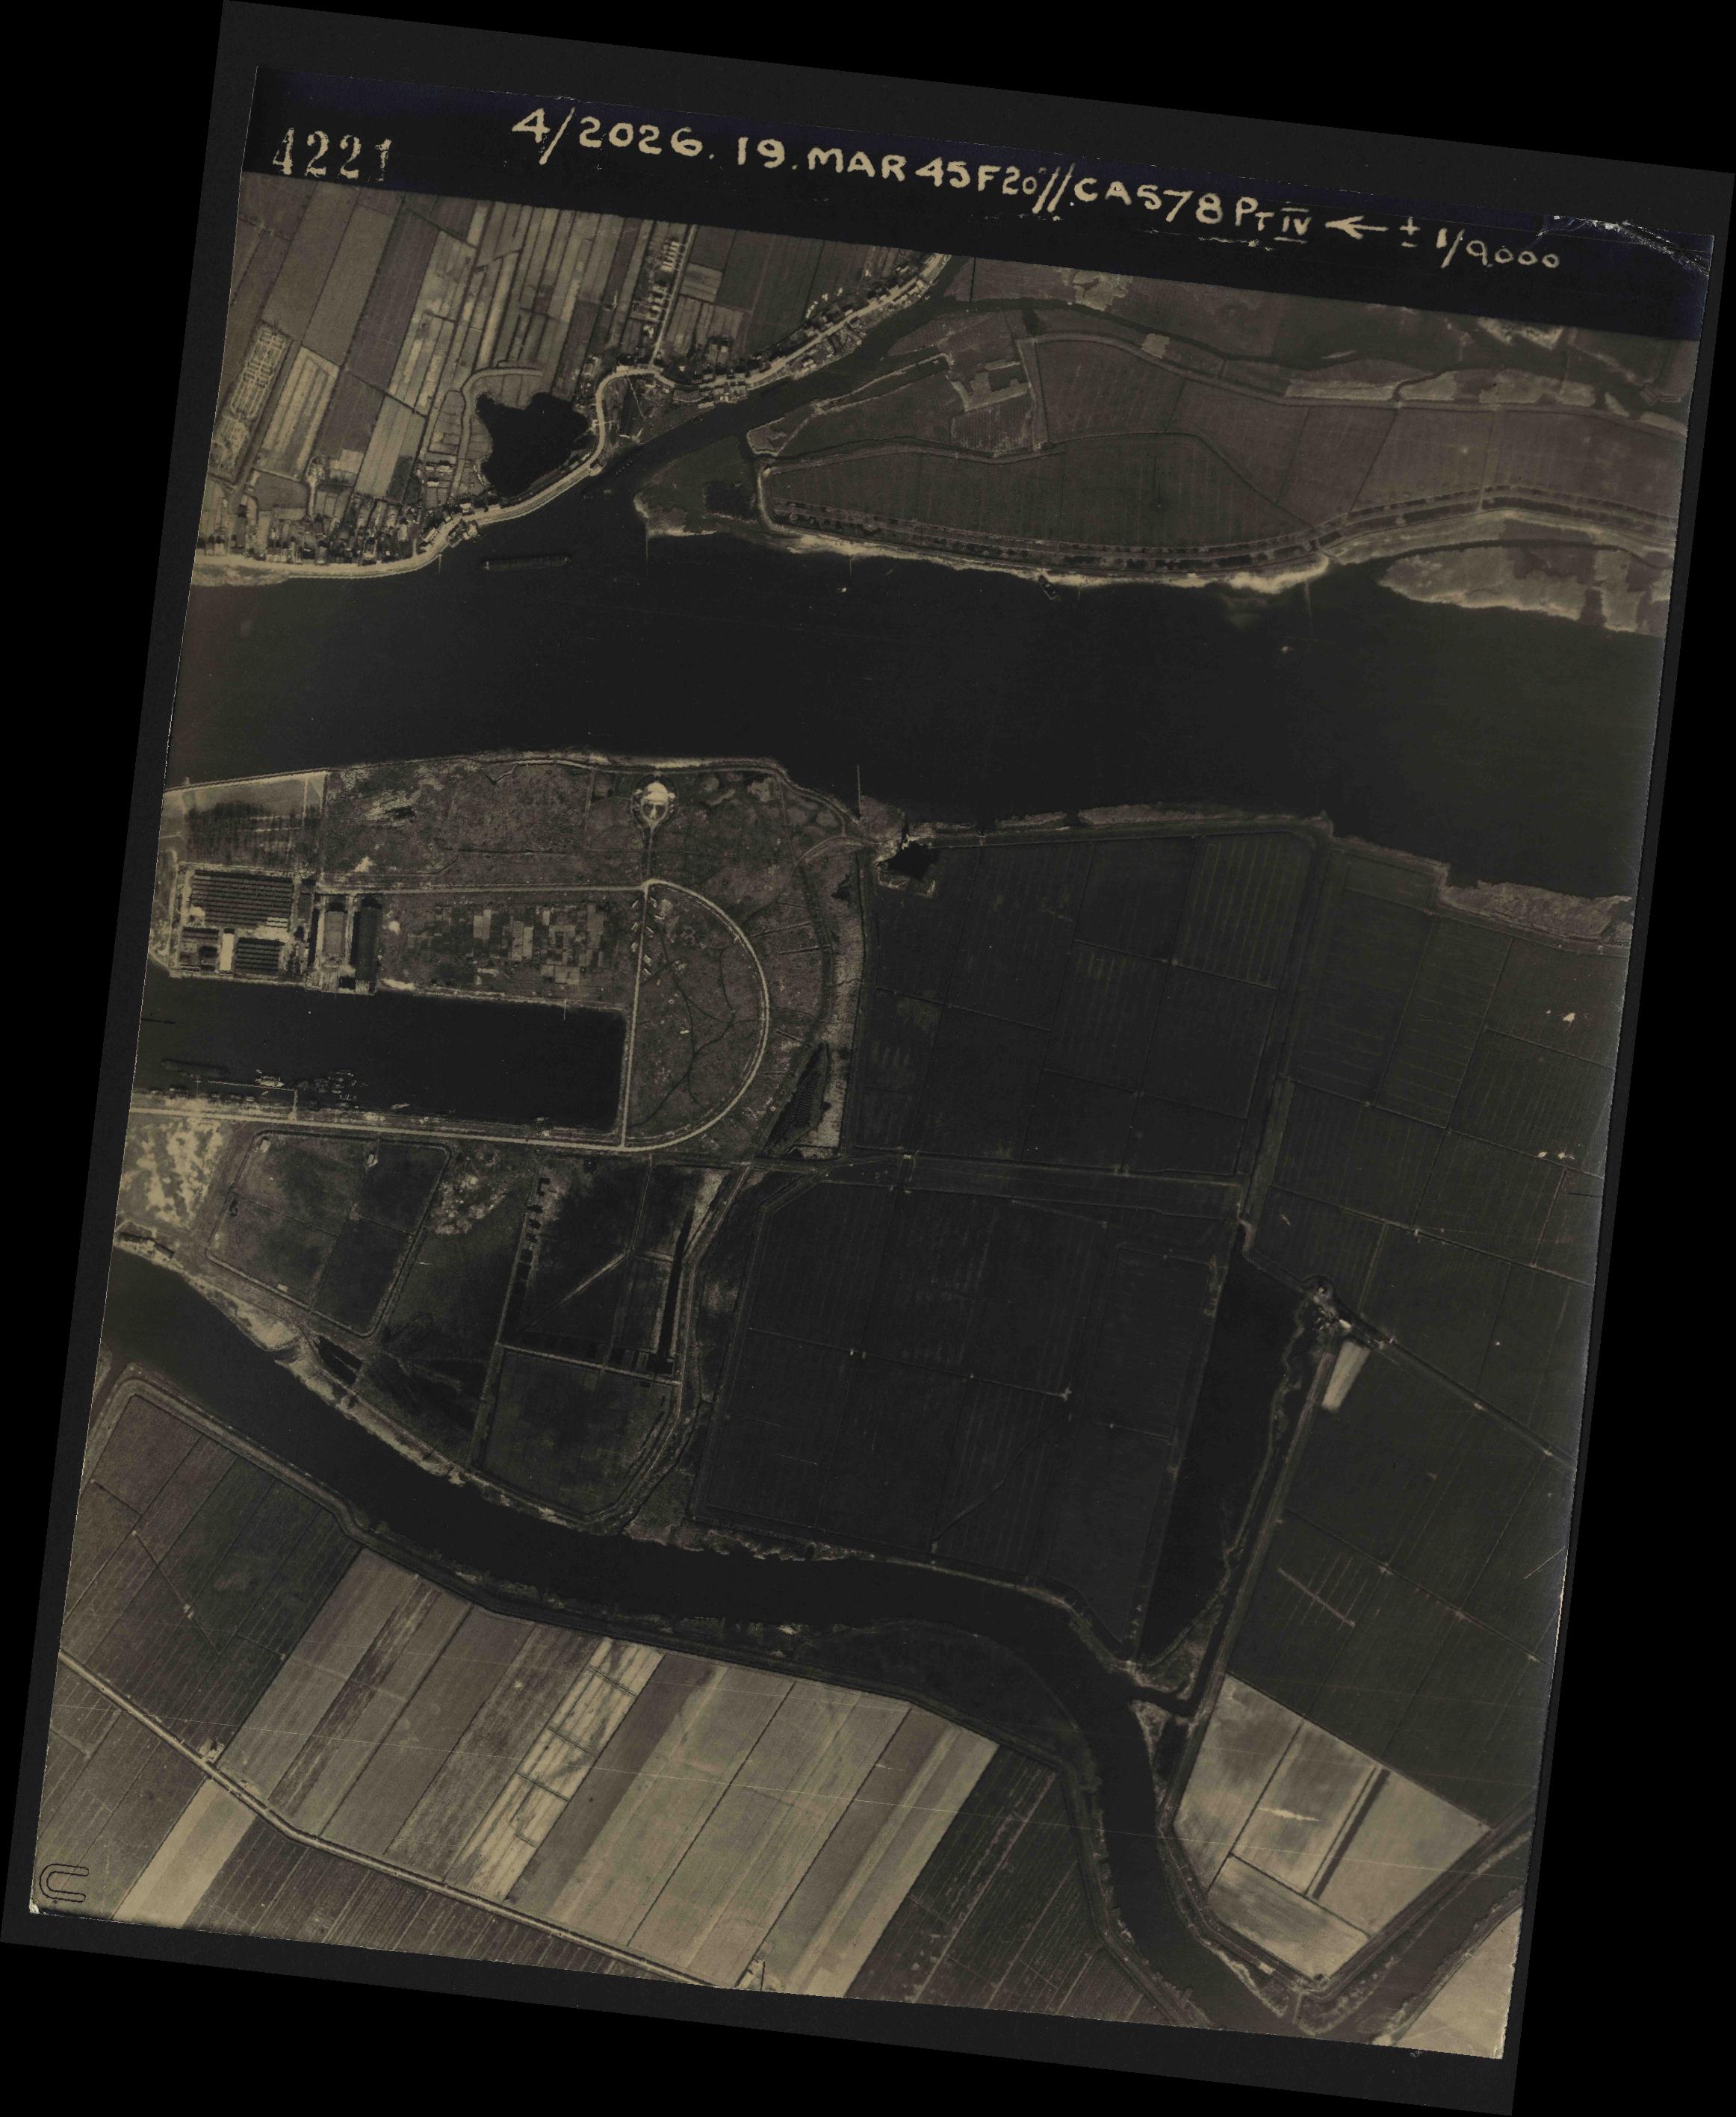 Collection RAF aerial photos 1940-1945 - flight 012, run 06, photo 4221